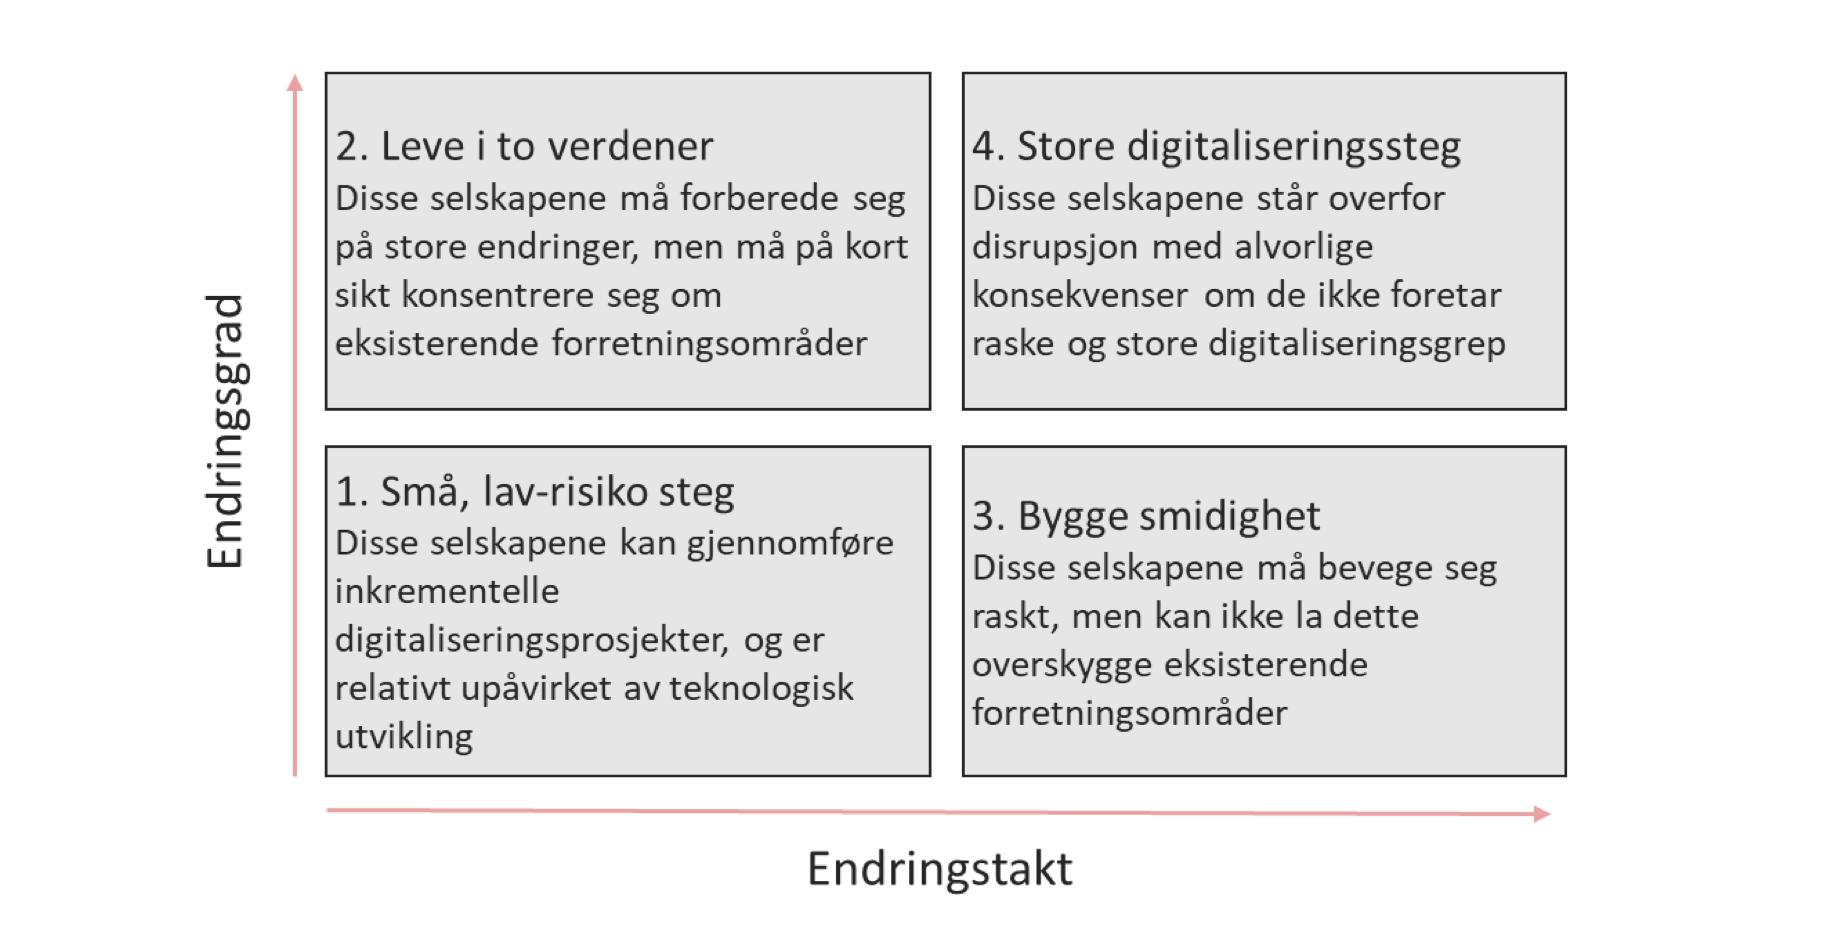 Endringstakt - hvordan lykkes i en analog og digital verden 2